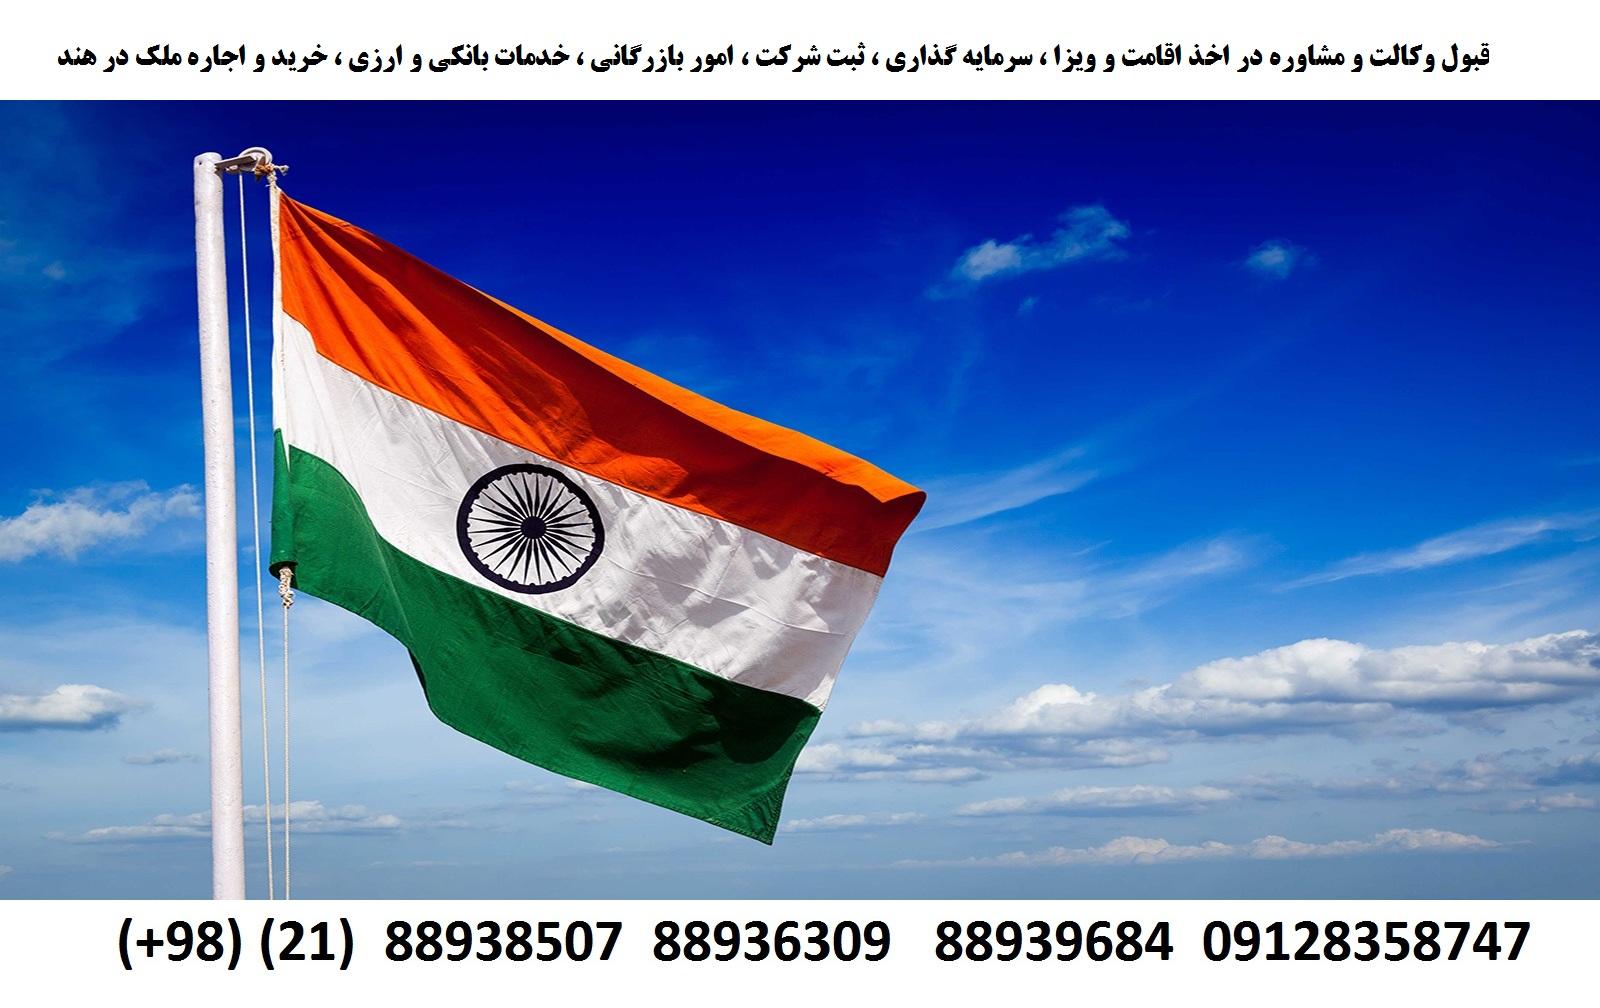 اقامت ، ویزا ،سرمایه گذاری ، ثبت شرکت در هند (4)